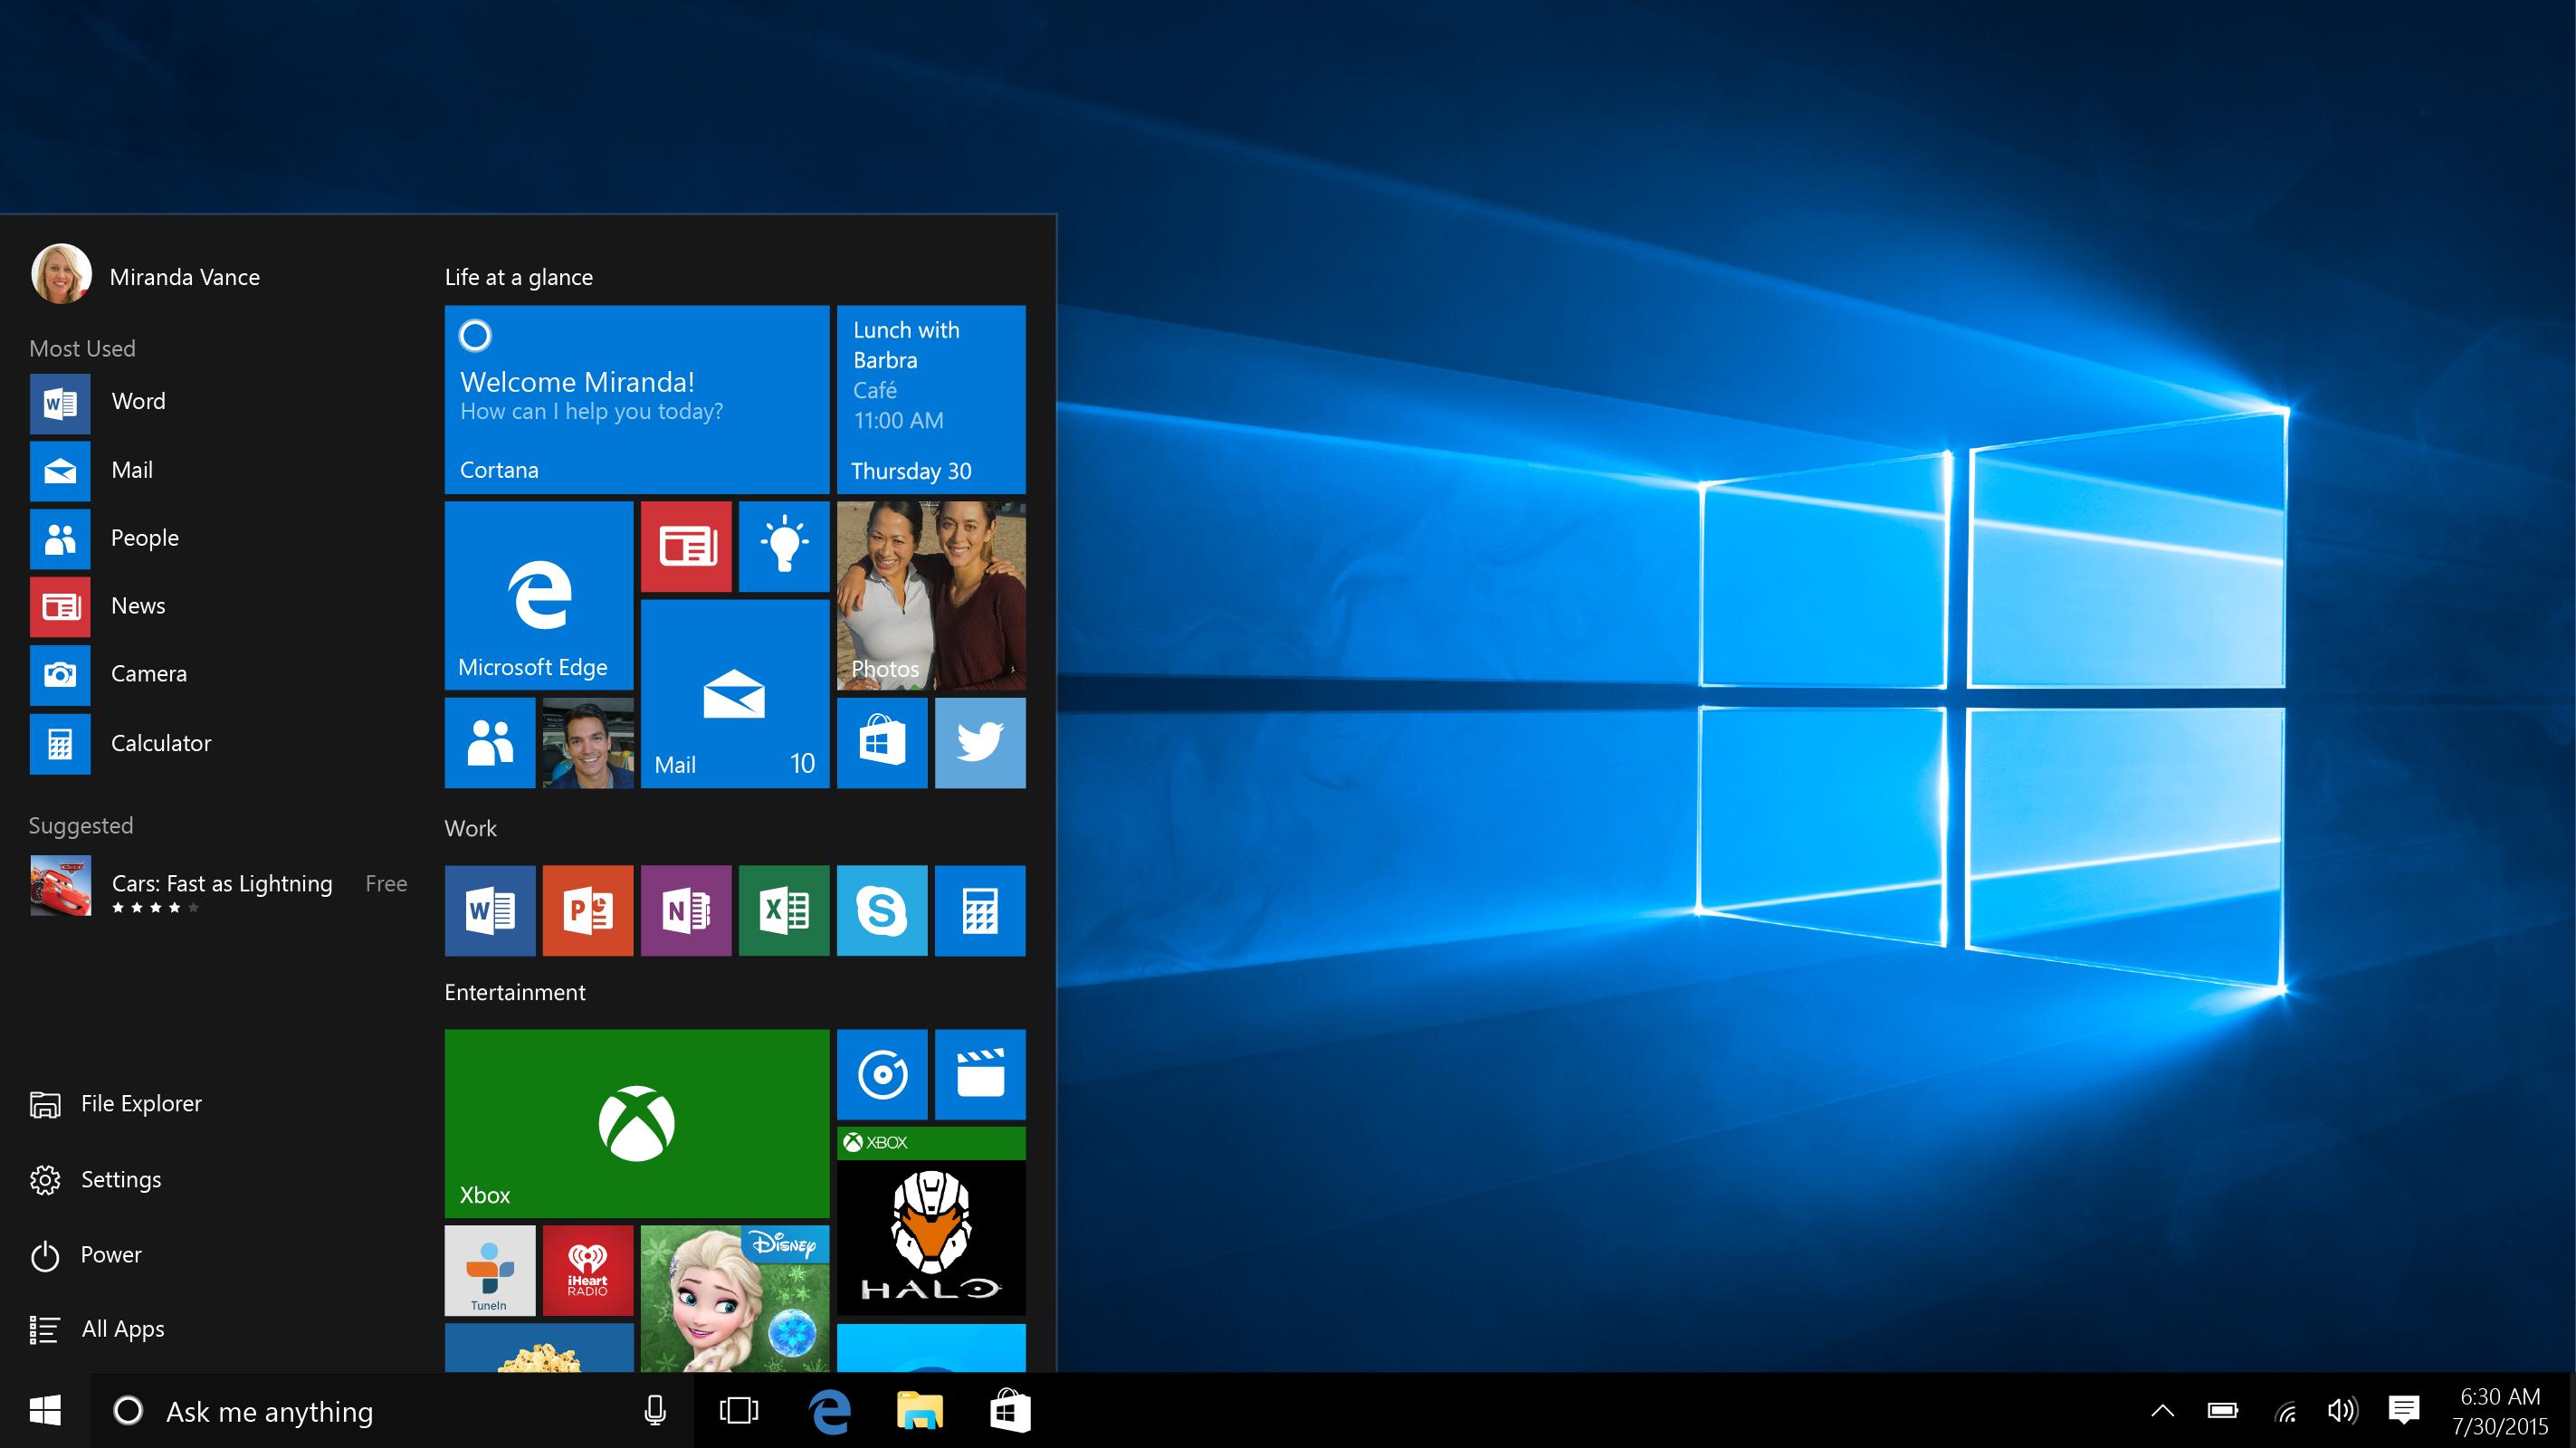 Le migliori funzionalità nascoste in Windows 10 4